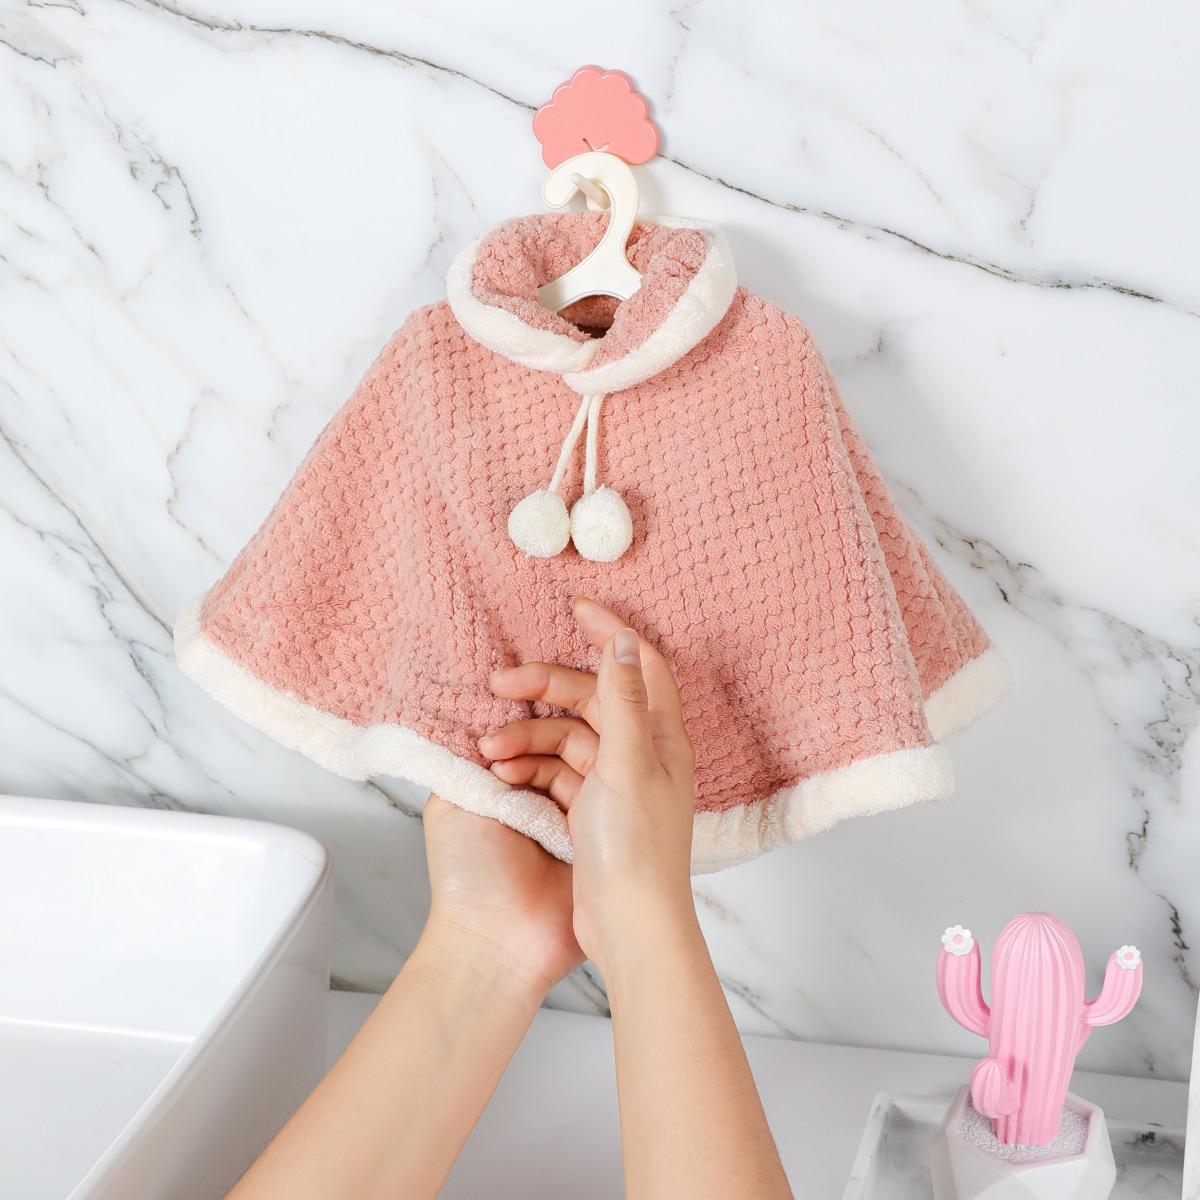 Полотенца для рук Ванное полотенце